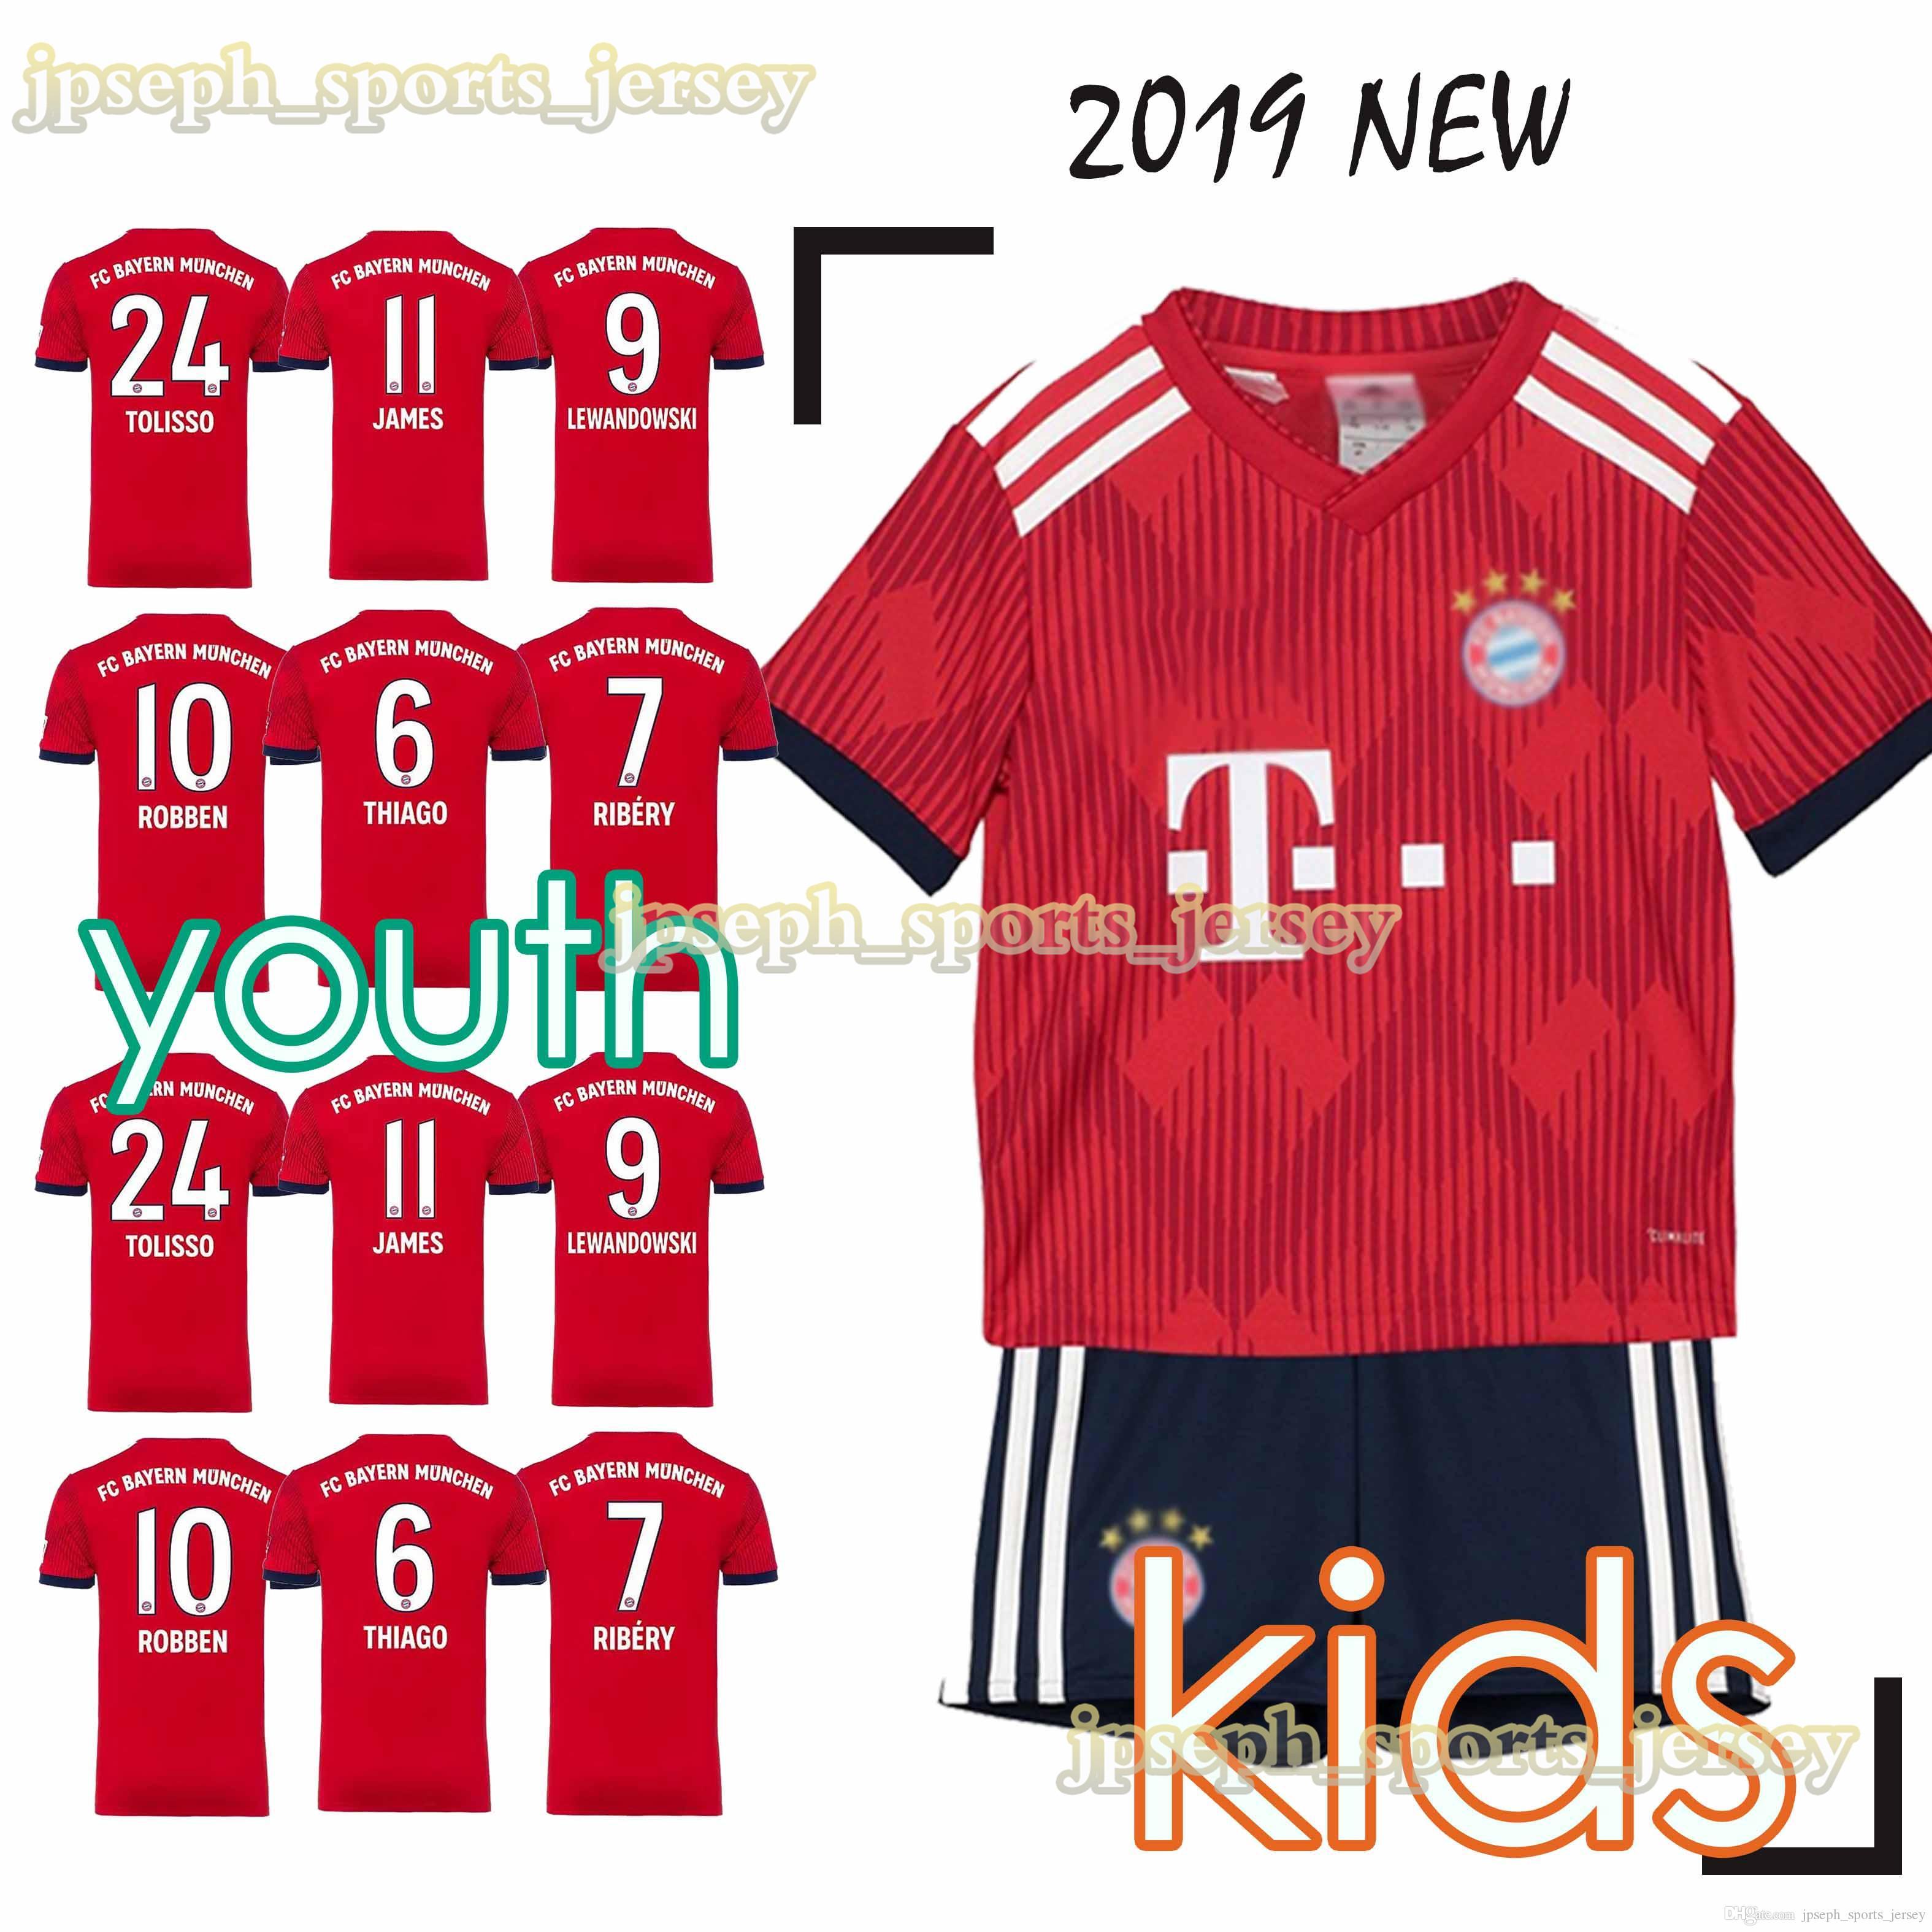 buy popular 7e0eb 79d40 Bayern soccer Jersey Kids Kit 2019 FC Bayern Munich home red Soccer Jerseys  #25 MULLER #11 JAMES Child Soccer Shirts uniform jersey YOUTH